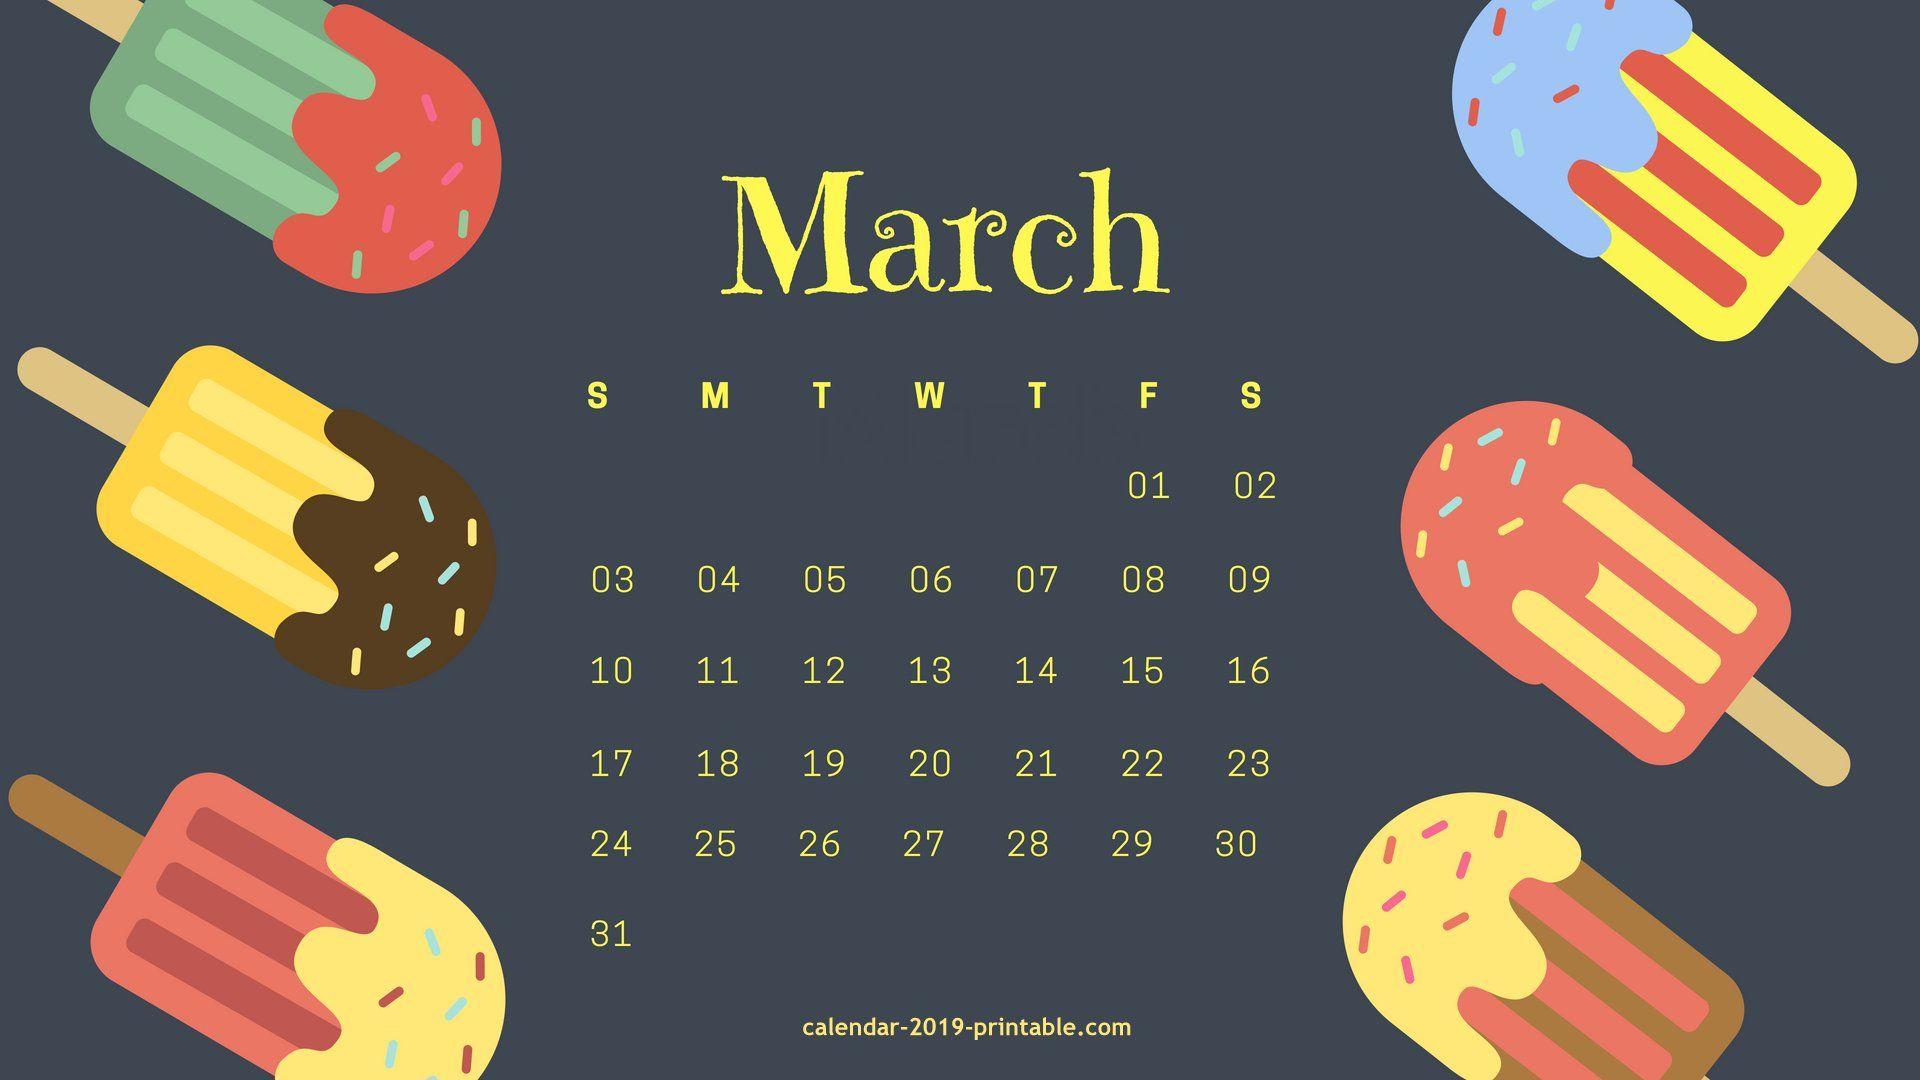 march 2019 desktop background calendar Calendar 2019 Wallpapers 1920x1080